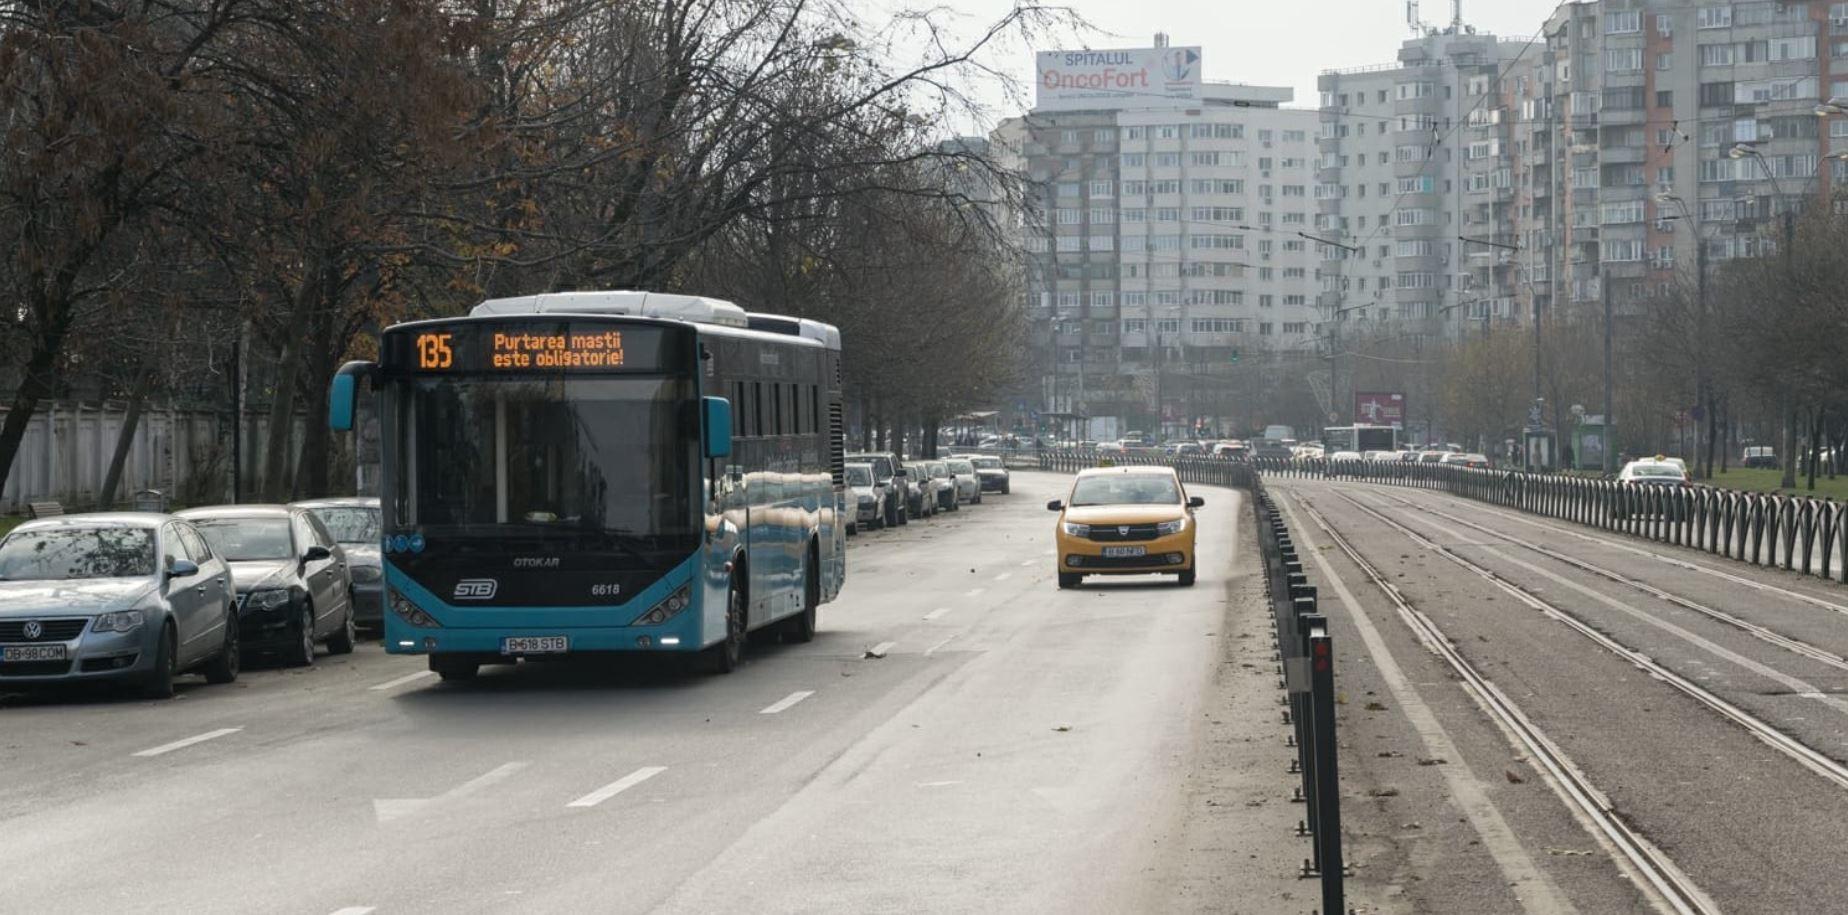 Vești bune pentru bucureșteni. STB reintroduce temporar linia de autobuz 780 din cauza lucrărilor la calea ferată între Gara Basarab și Aeroportul Otopeni